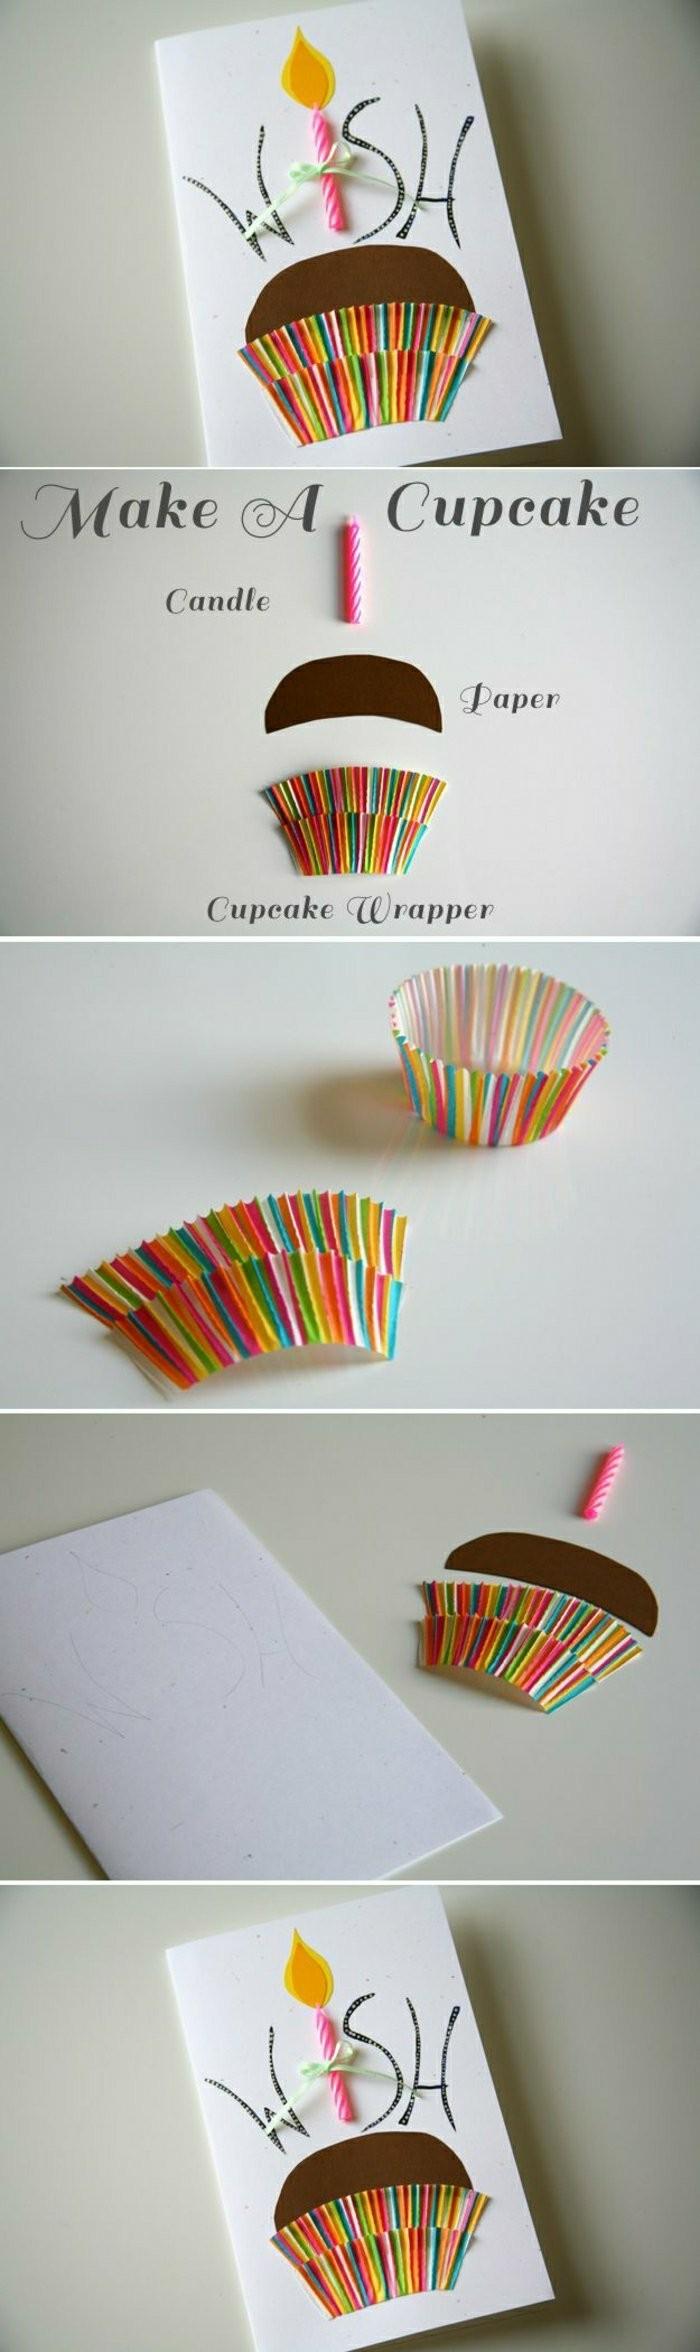 créer une carte d'anniversaire originale décorée d'un muffin réalisé avec du papier et une caissette à muffin